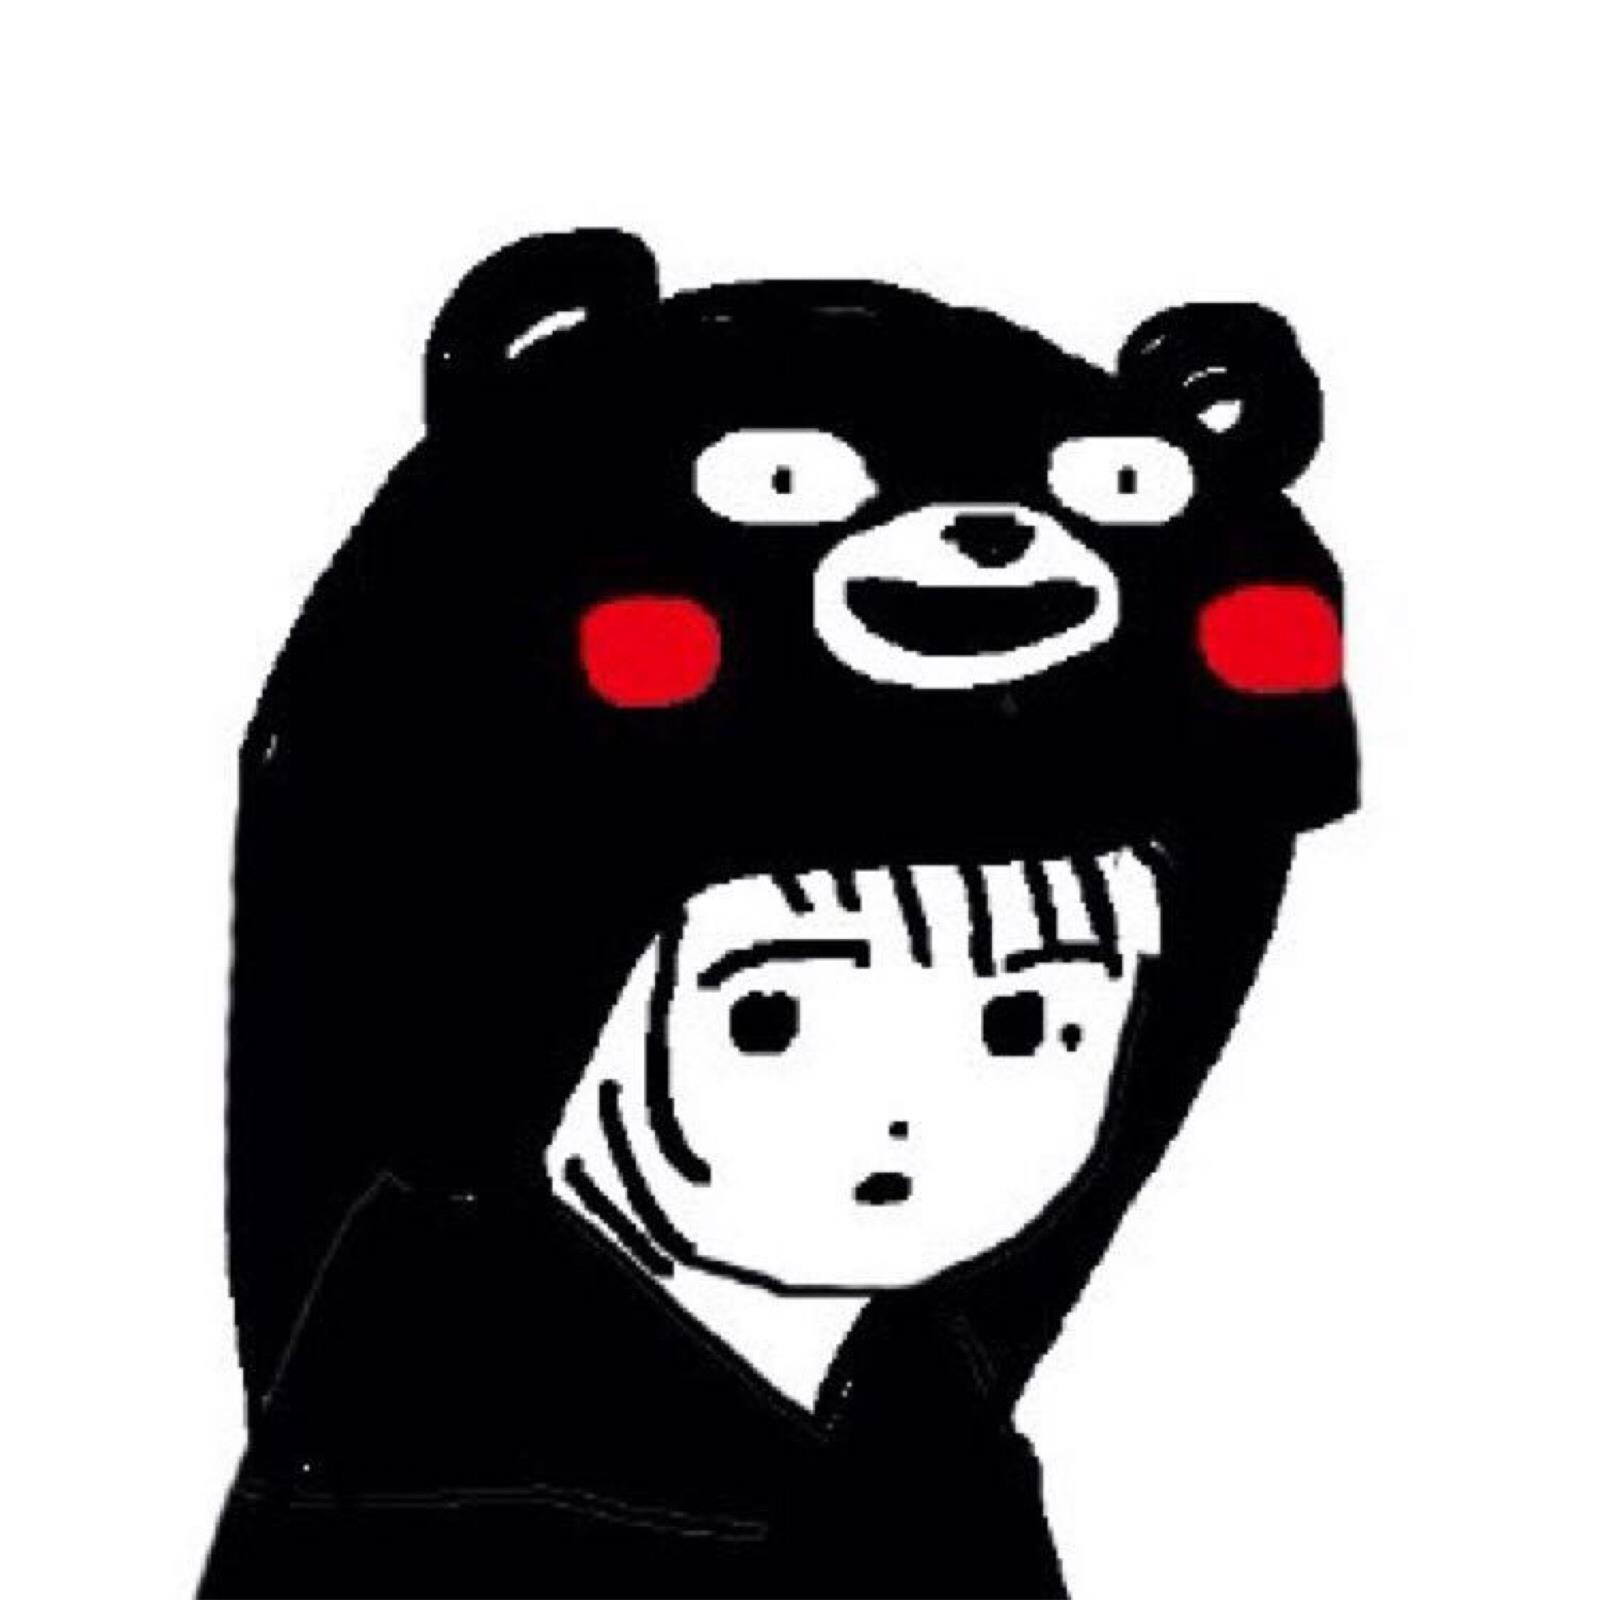 熊本熊服装高清情侣头像